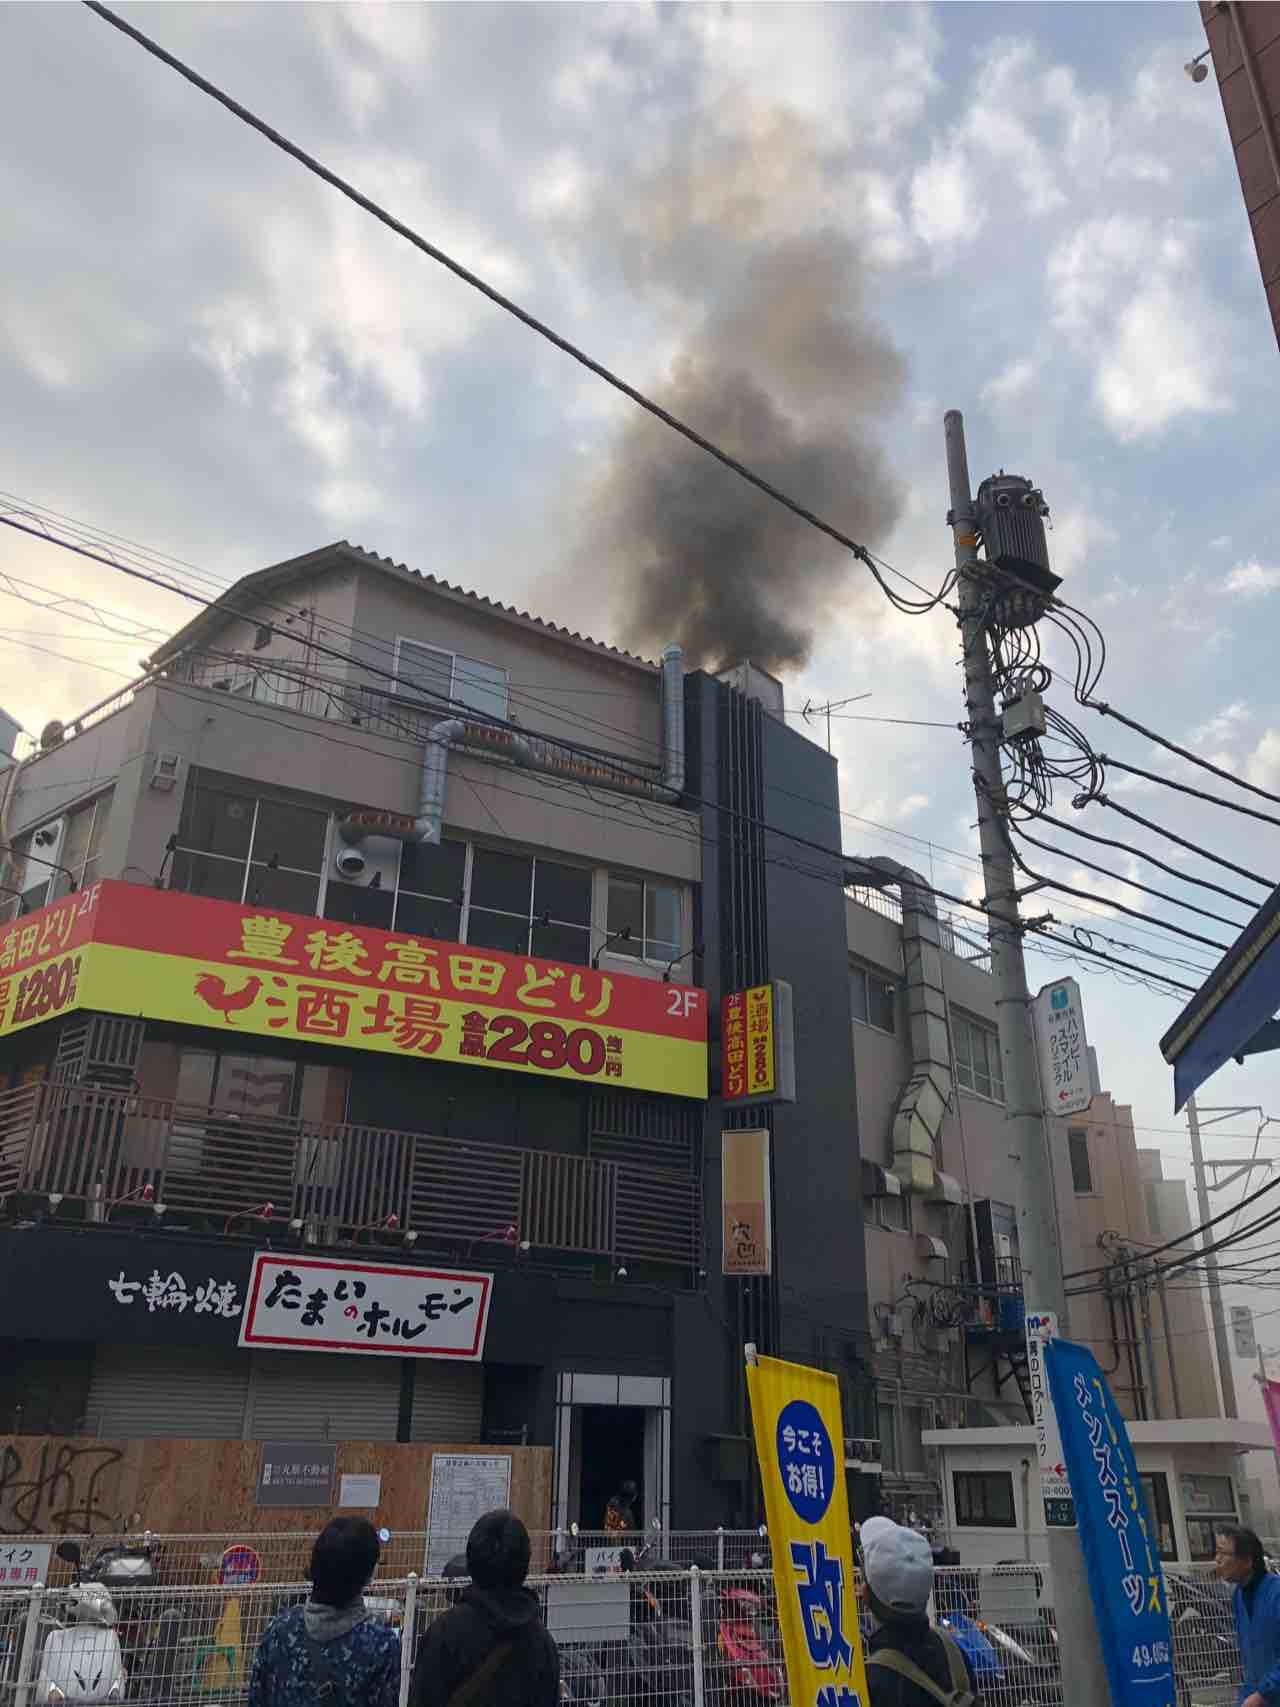 画像,この後、火を吹いてた。 https://t.co/rnWwIUN25Z。